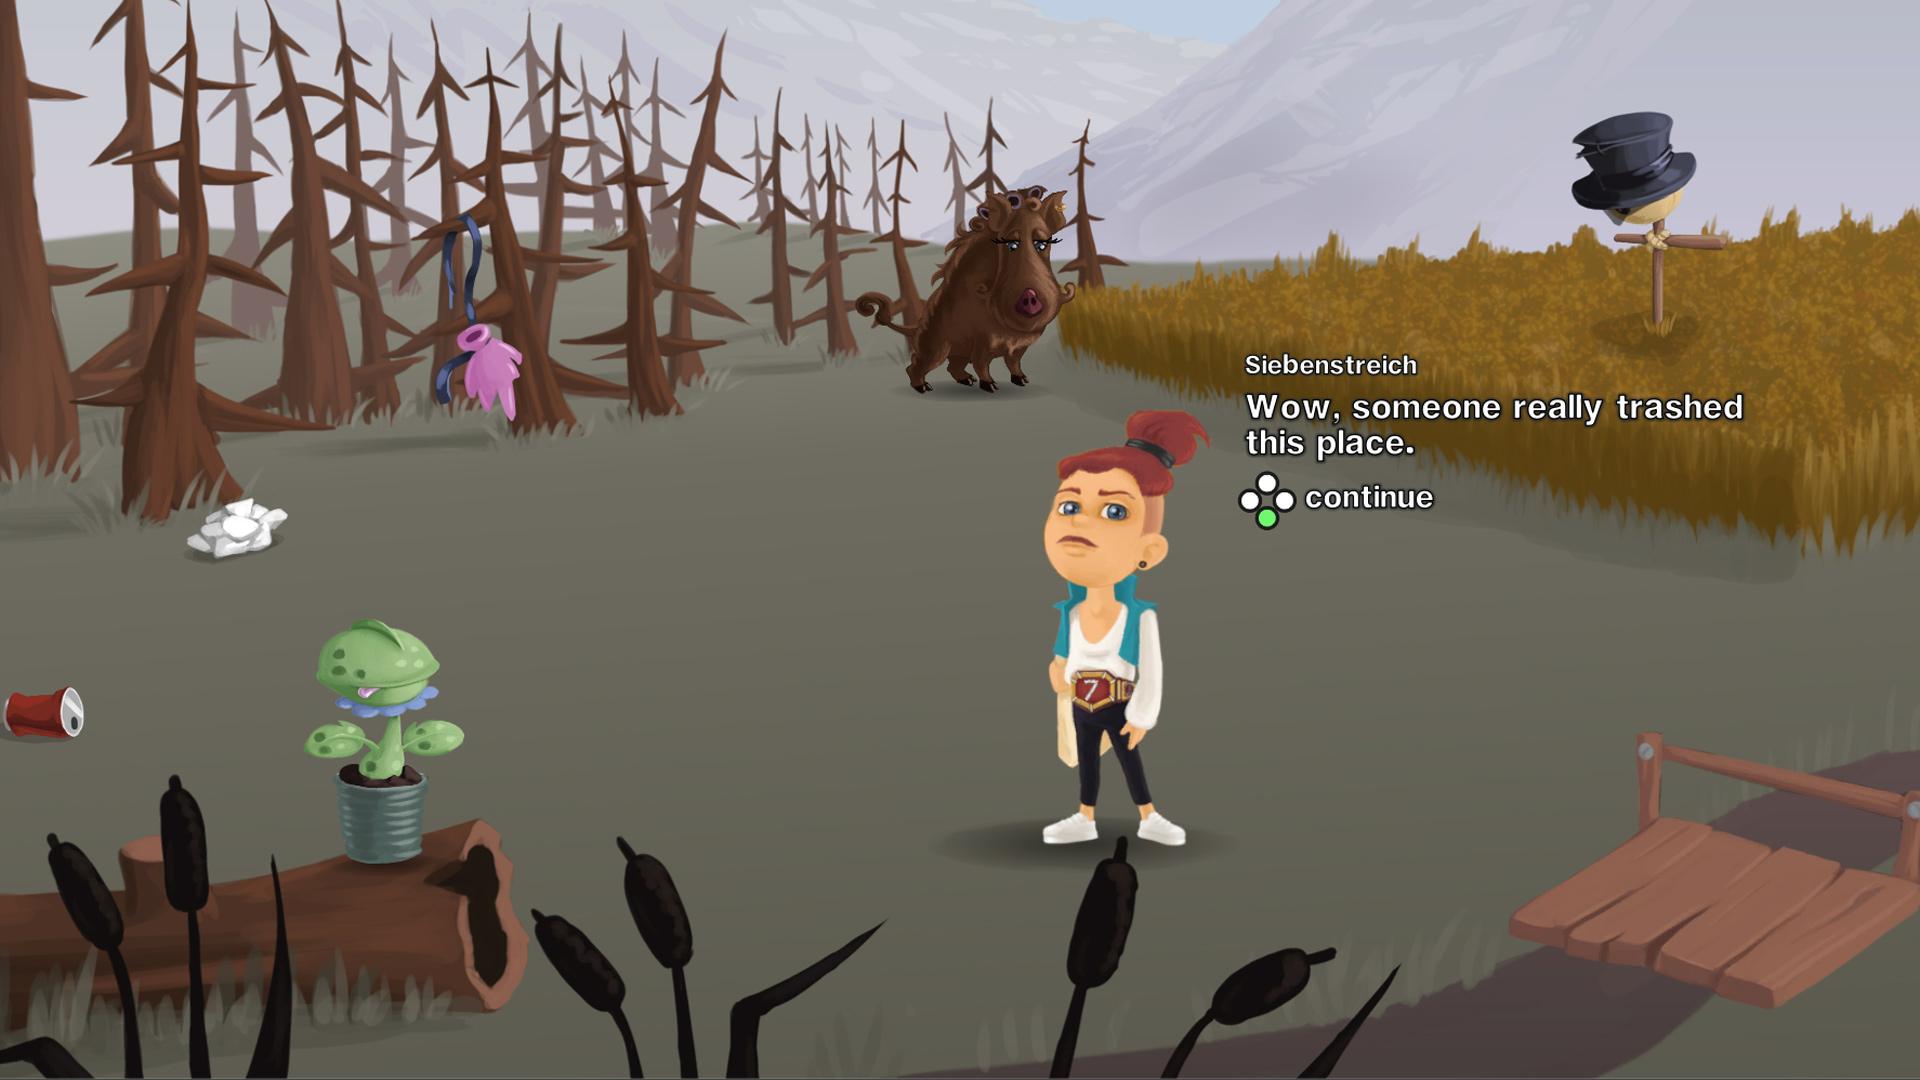 Siebenstreich meets the wild boar